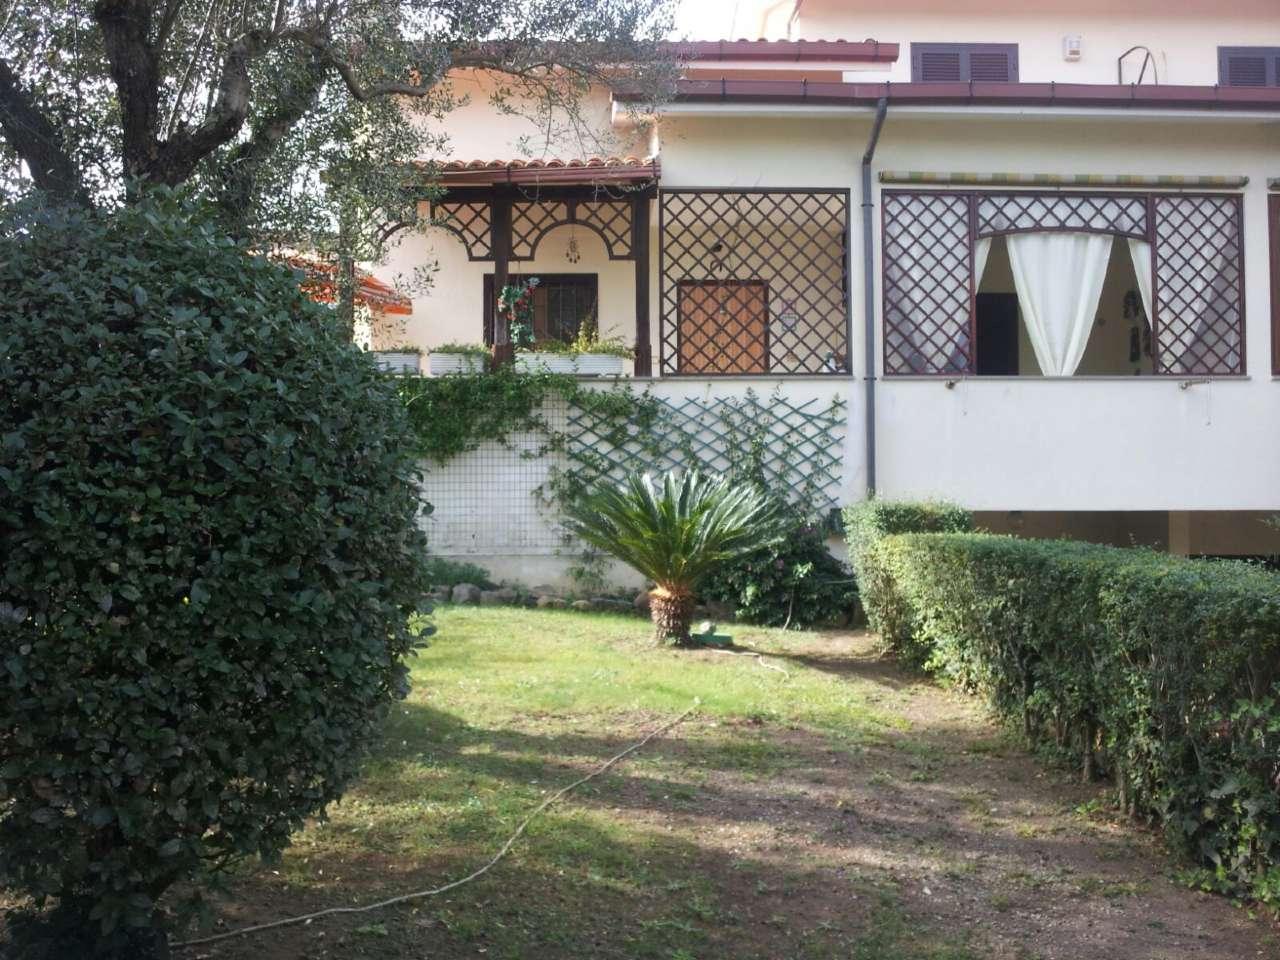 Soluzione Indipendente in vendita a Anguillara Sabazia, 8 locali, prezzo € 365.000 | CambioCasa.it